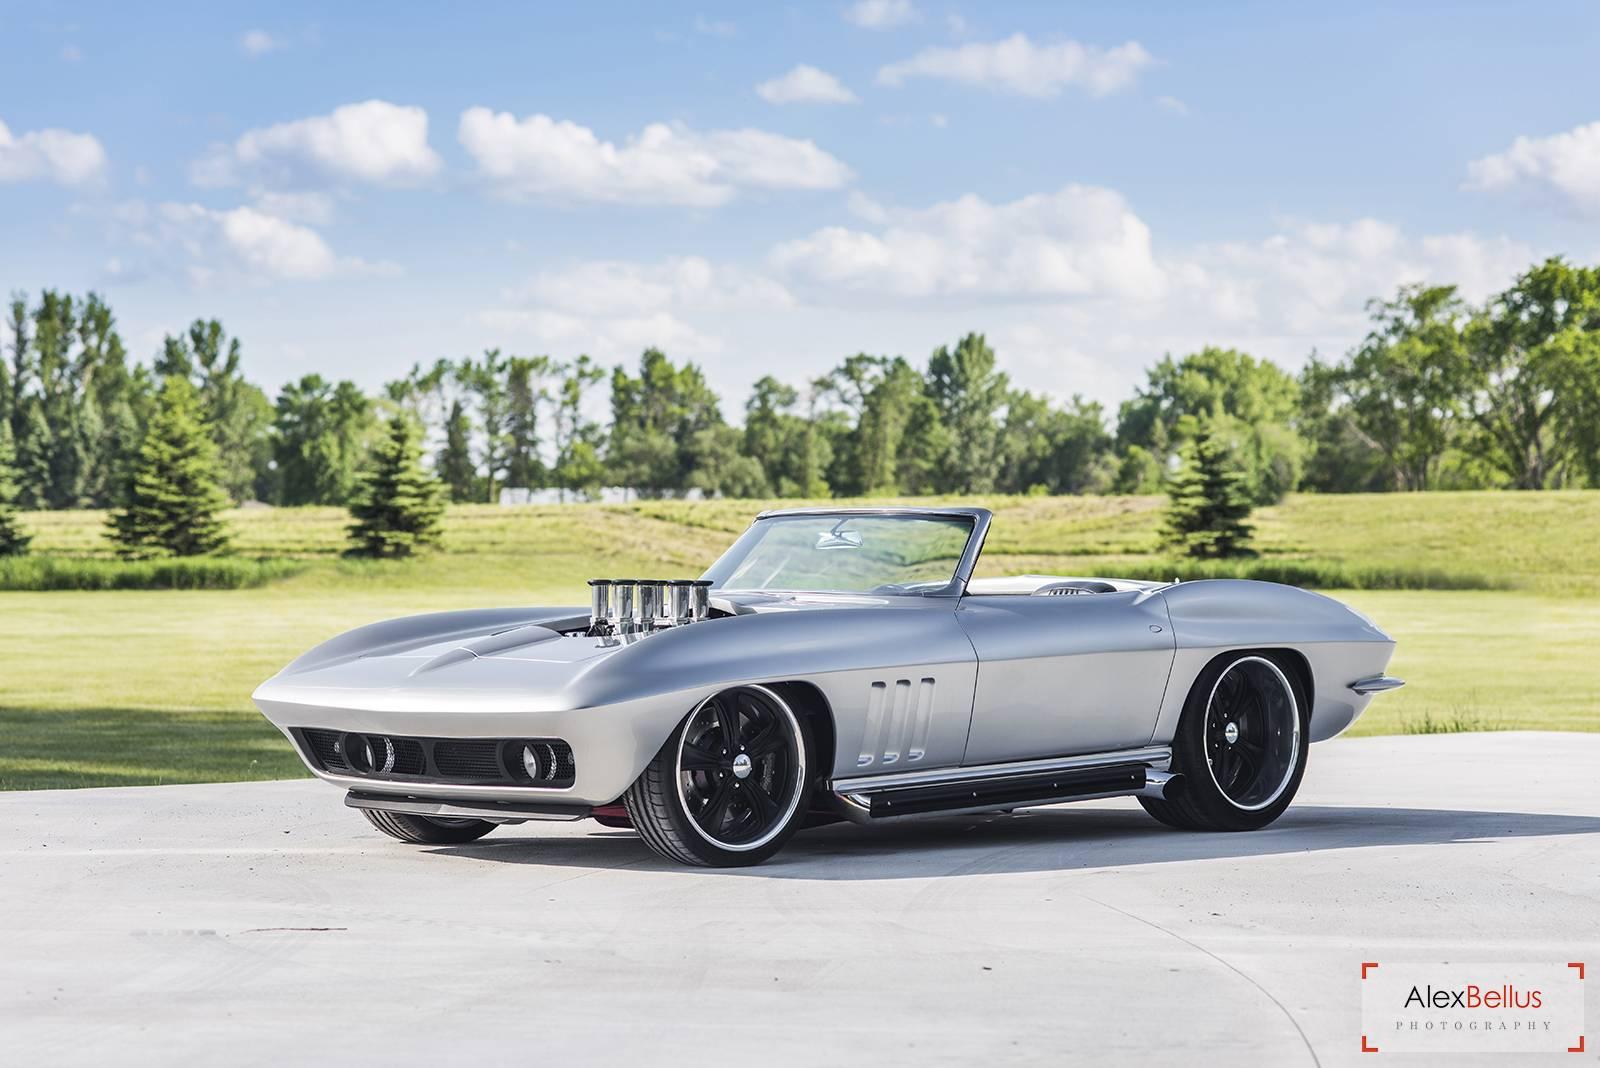 Stunning Fully Restored 1965 Silver Chevrolet Corvette